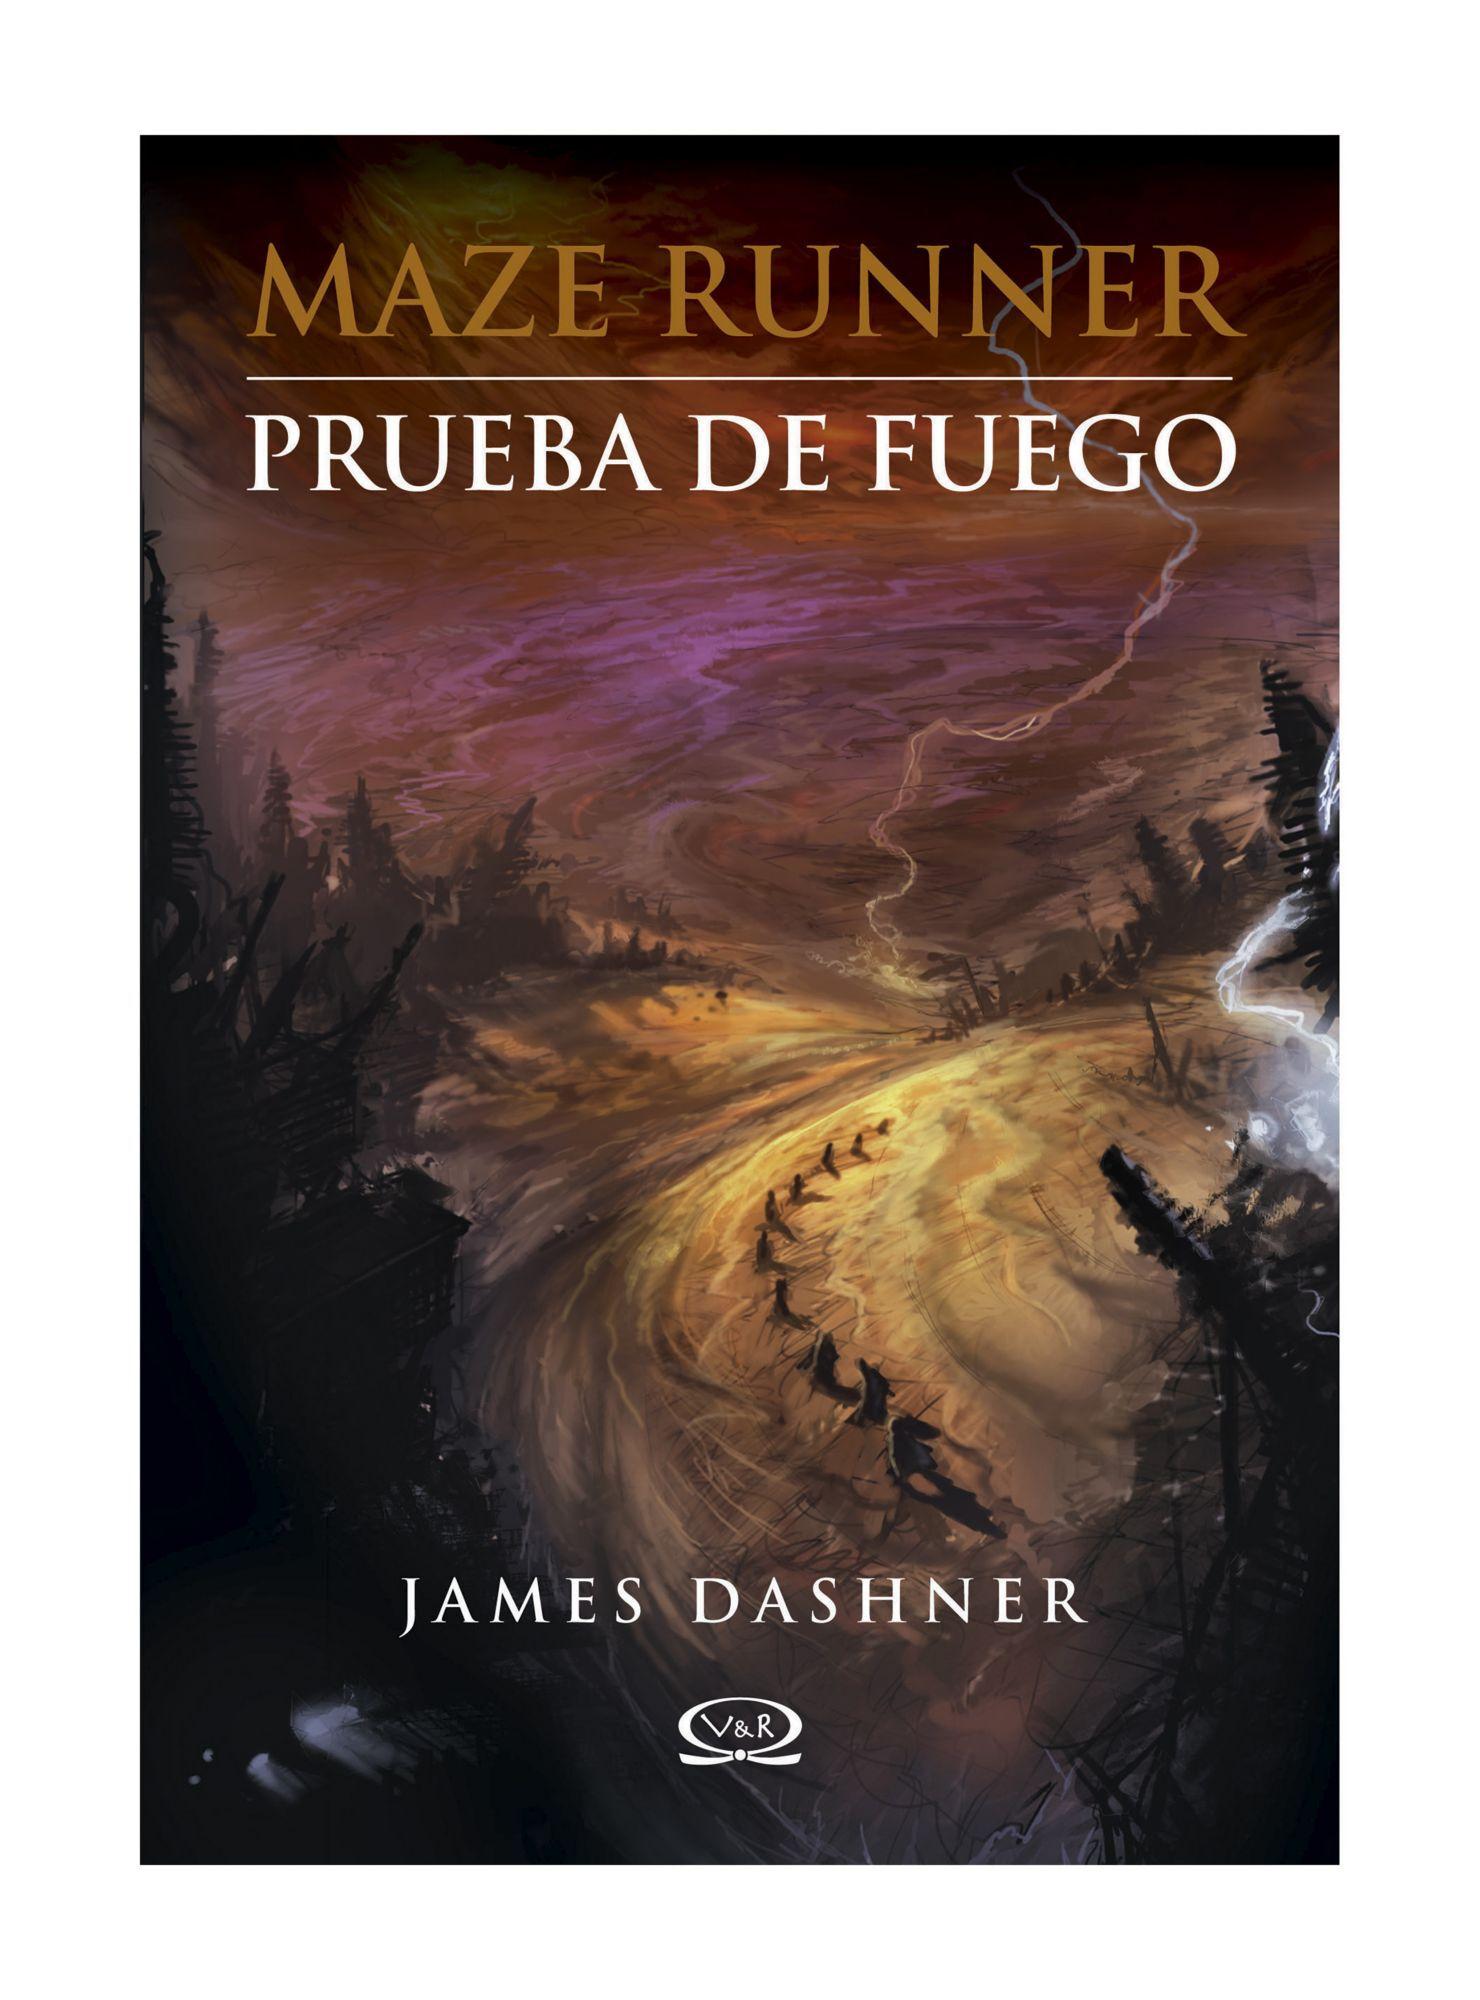 De James Prueba Runner LibrosParis Dashner Maze Fuego En kNnOPX0w8